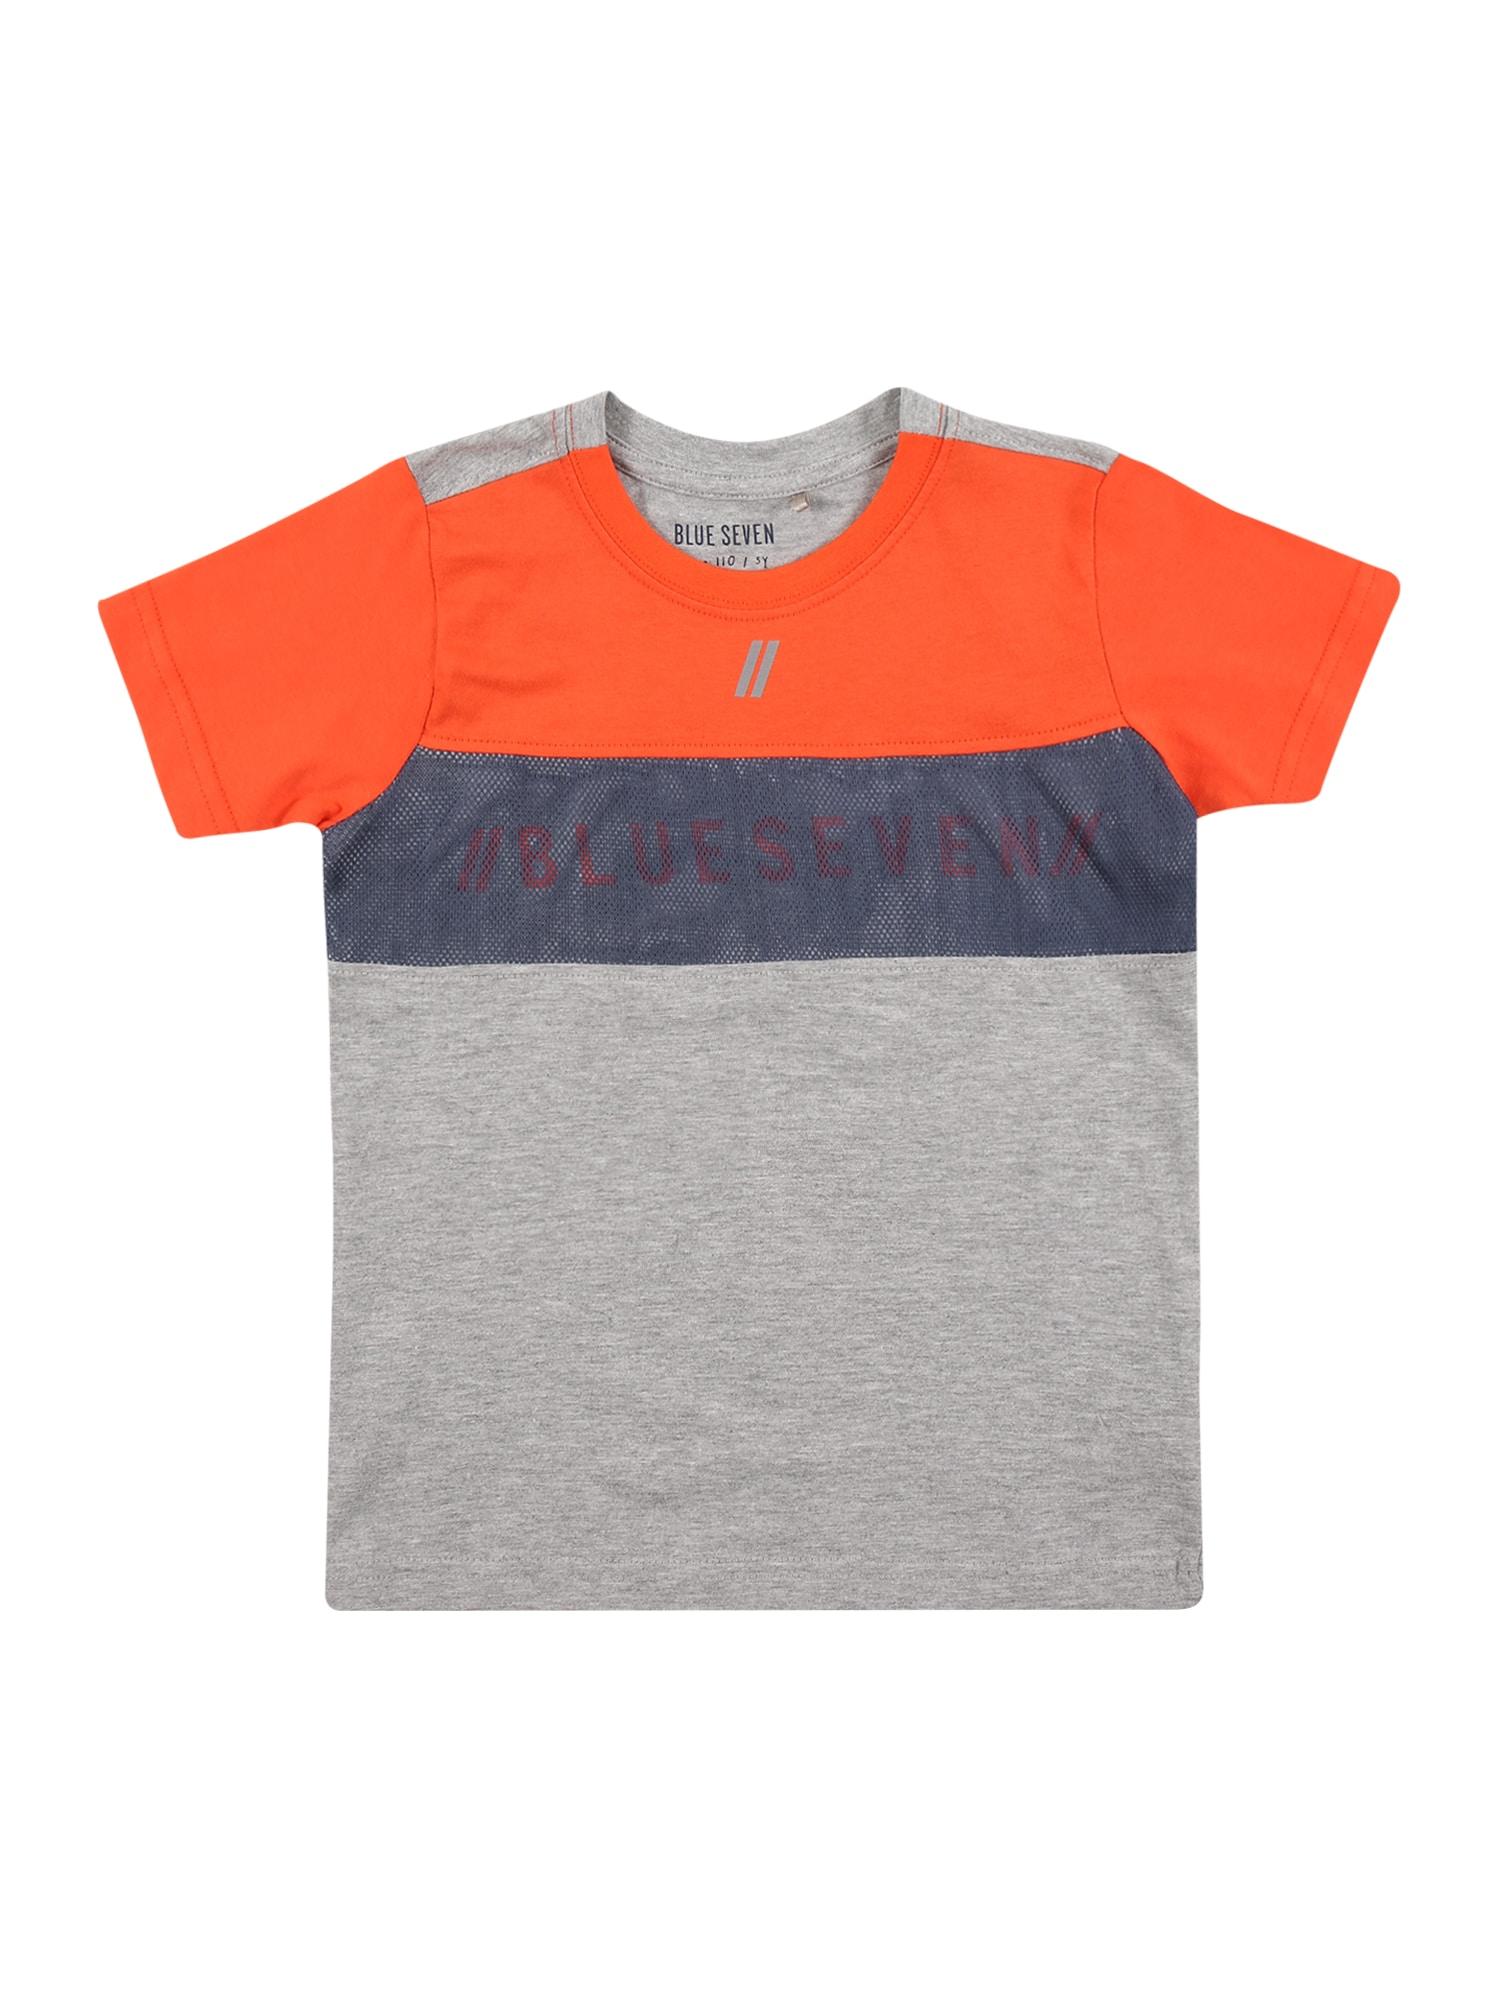 BLUE SEVEN Marškinėliai oranžinė / pilka / melsvai pilka